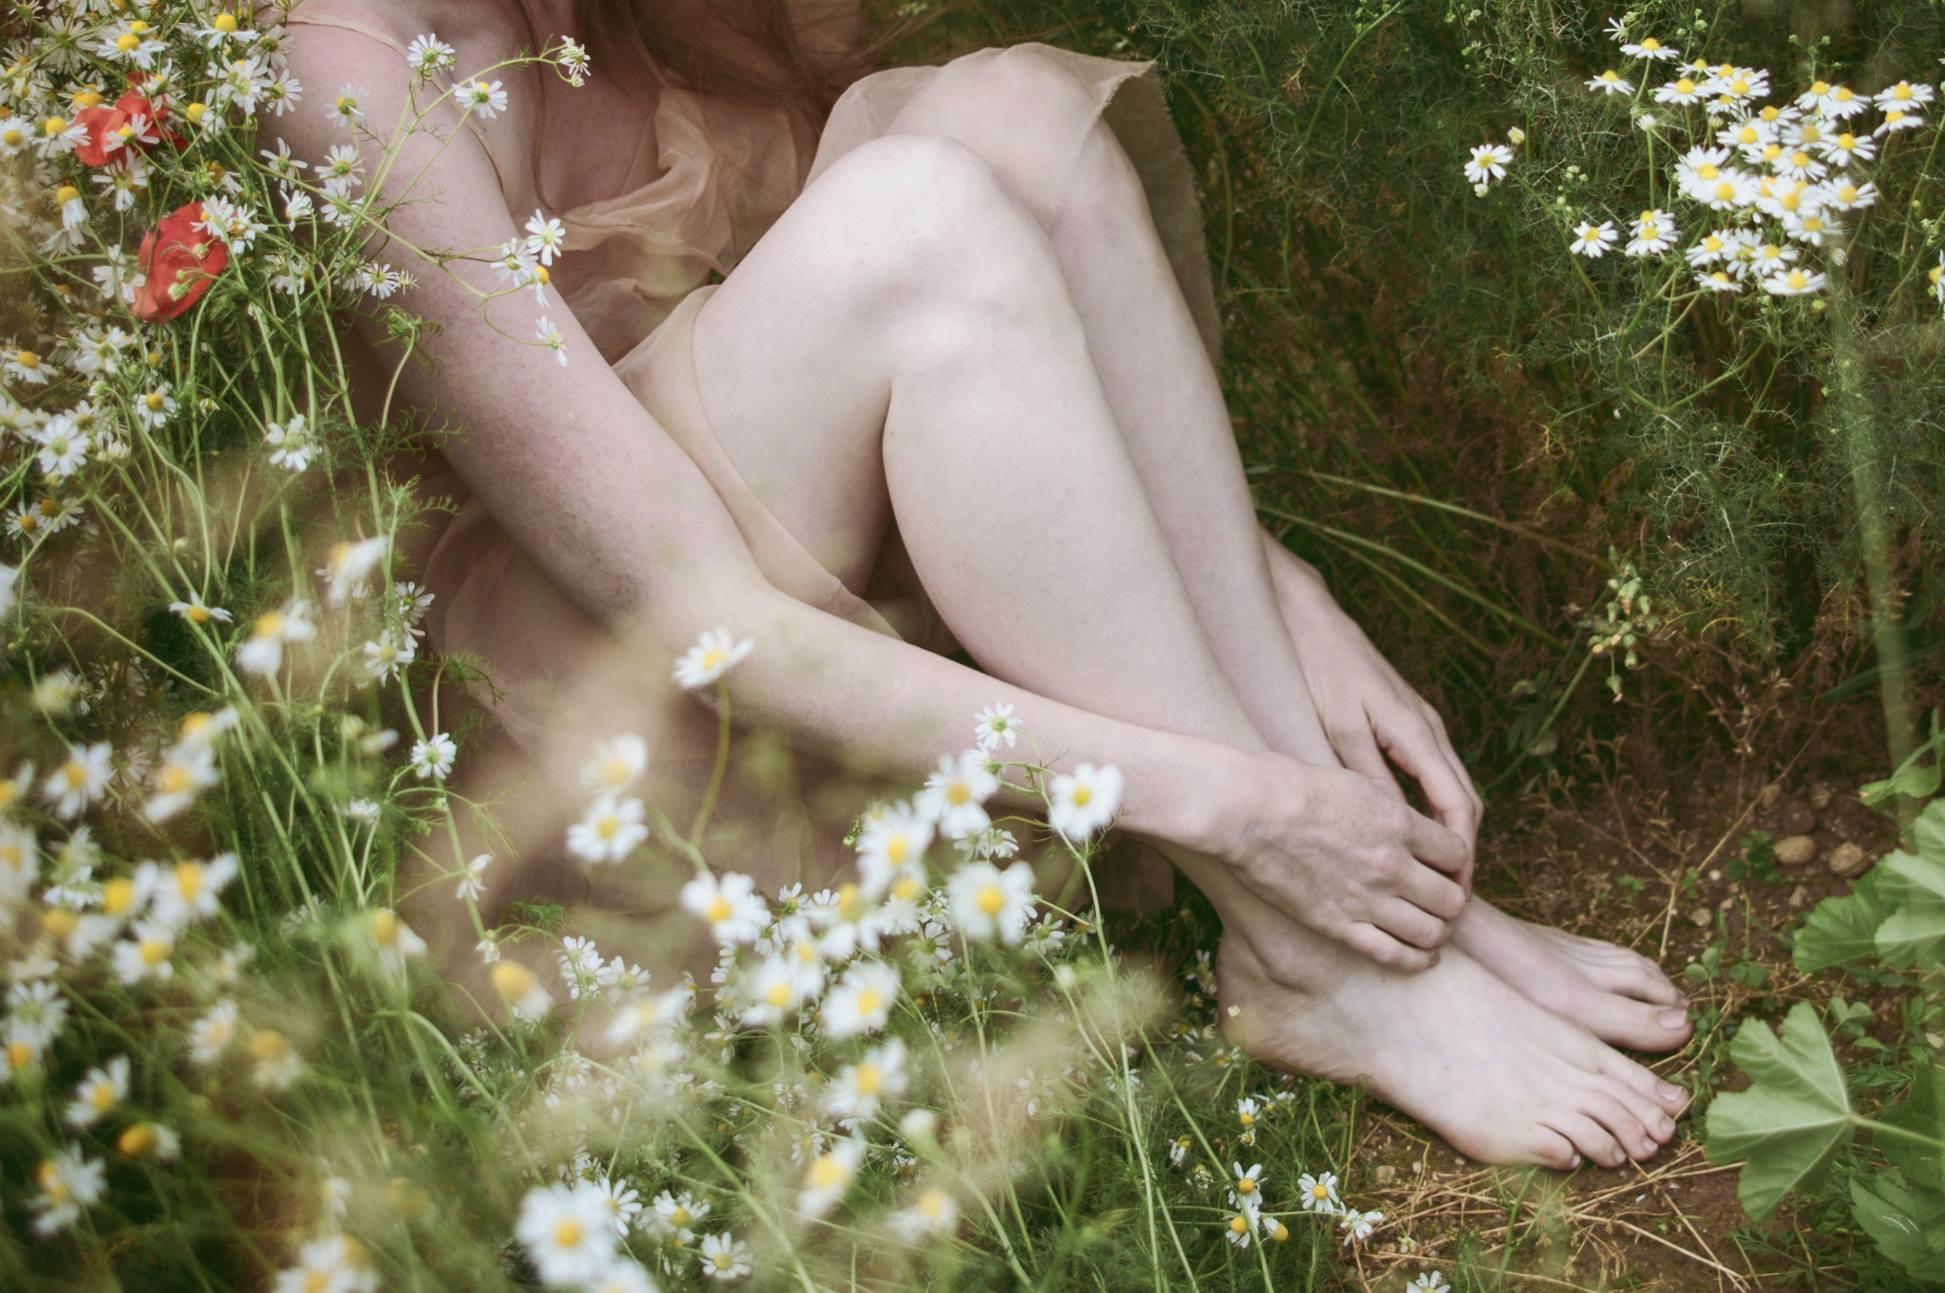 Monia_Merlo_beautifulbizarre_012